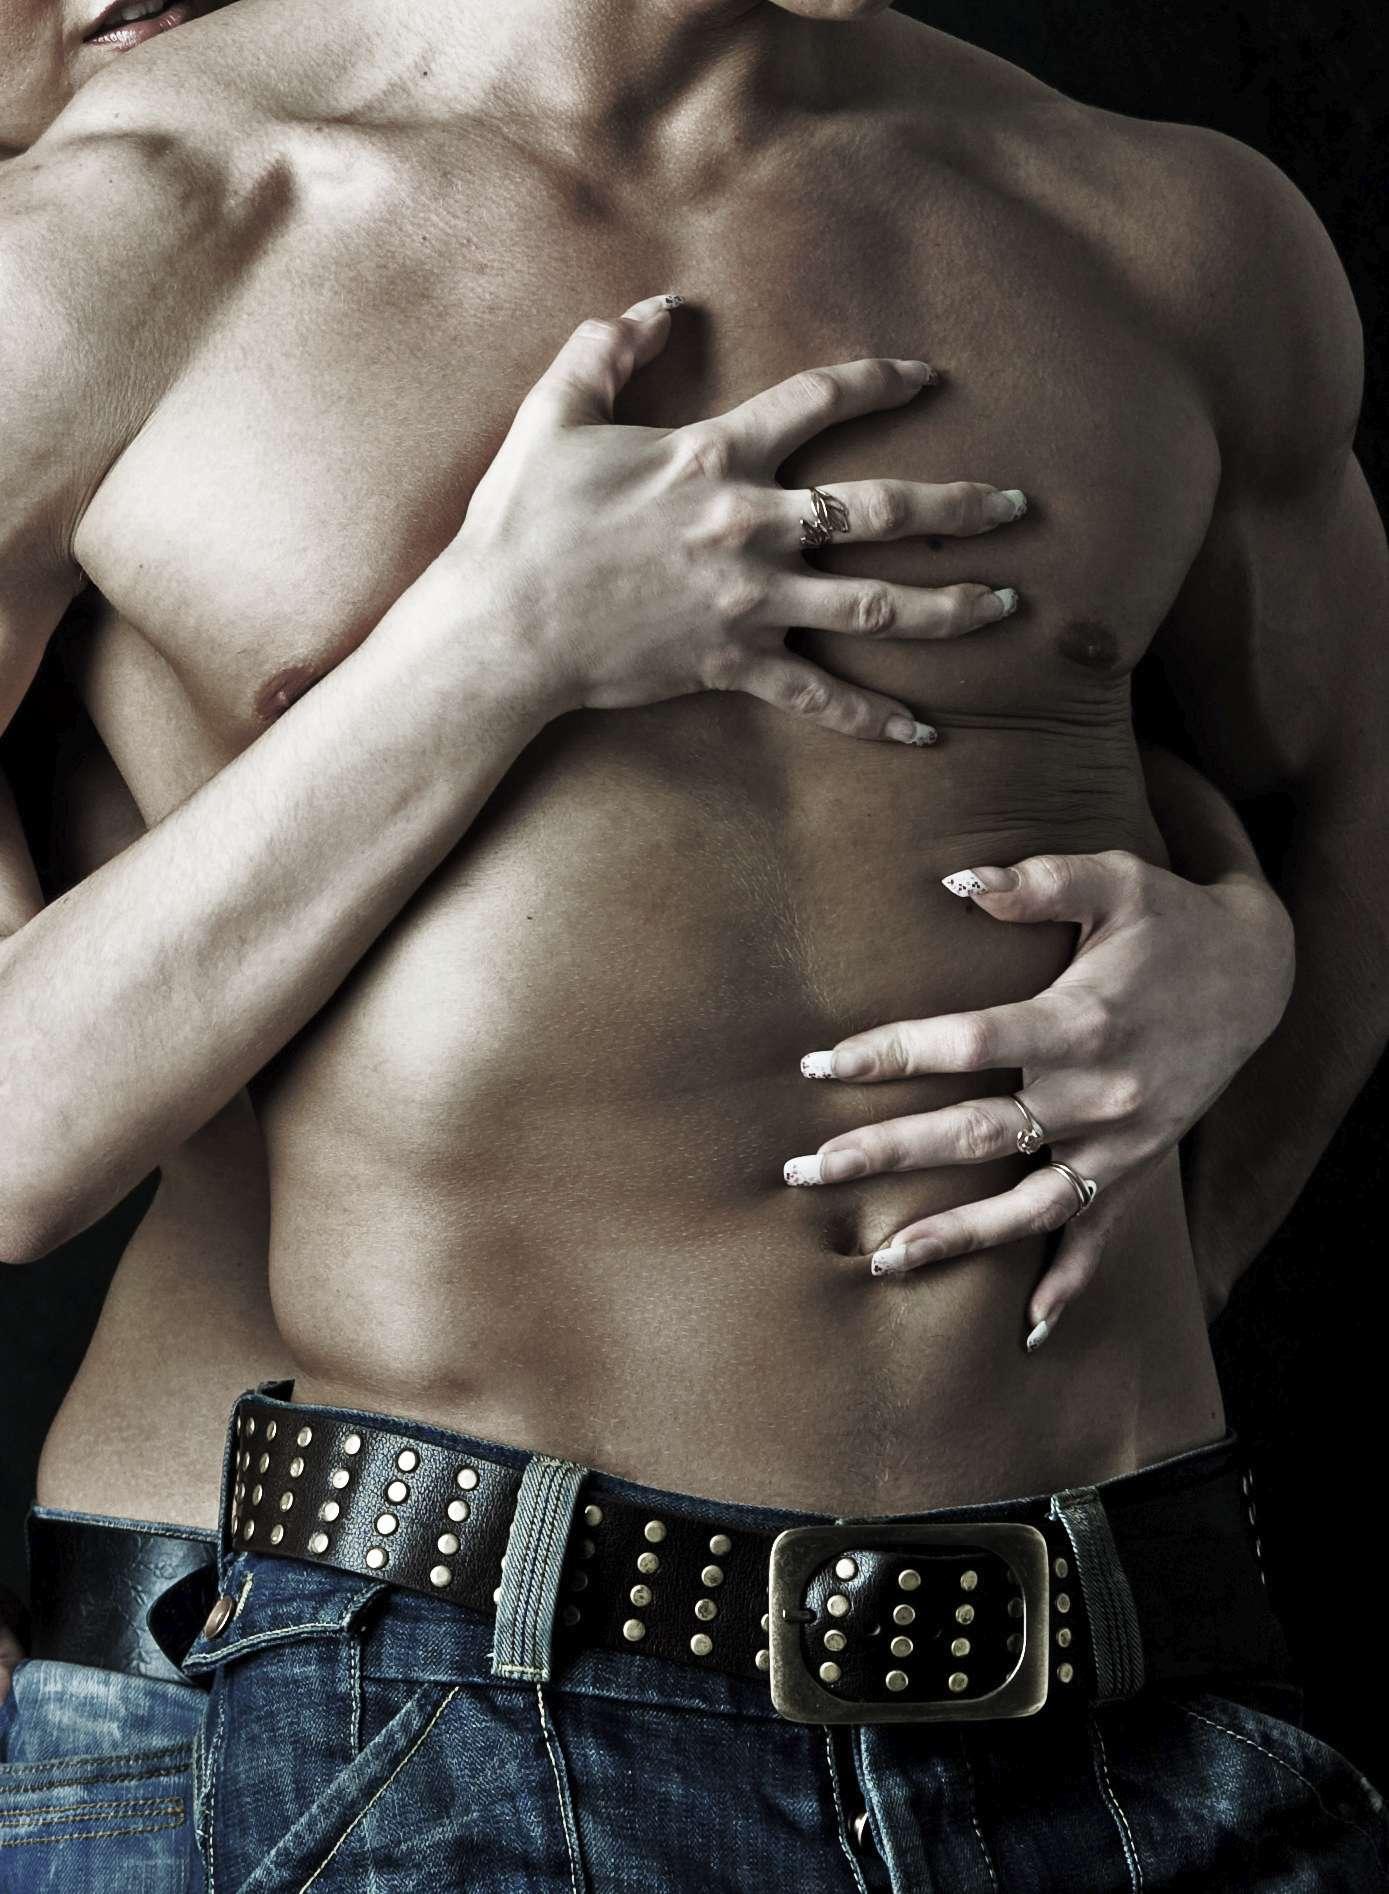 Hay zonas del cuerpo de los hombres que al tocarlas son como puntos de ignición para el placer. Foto: iStock